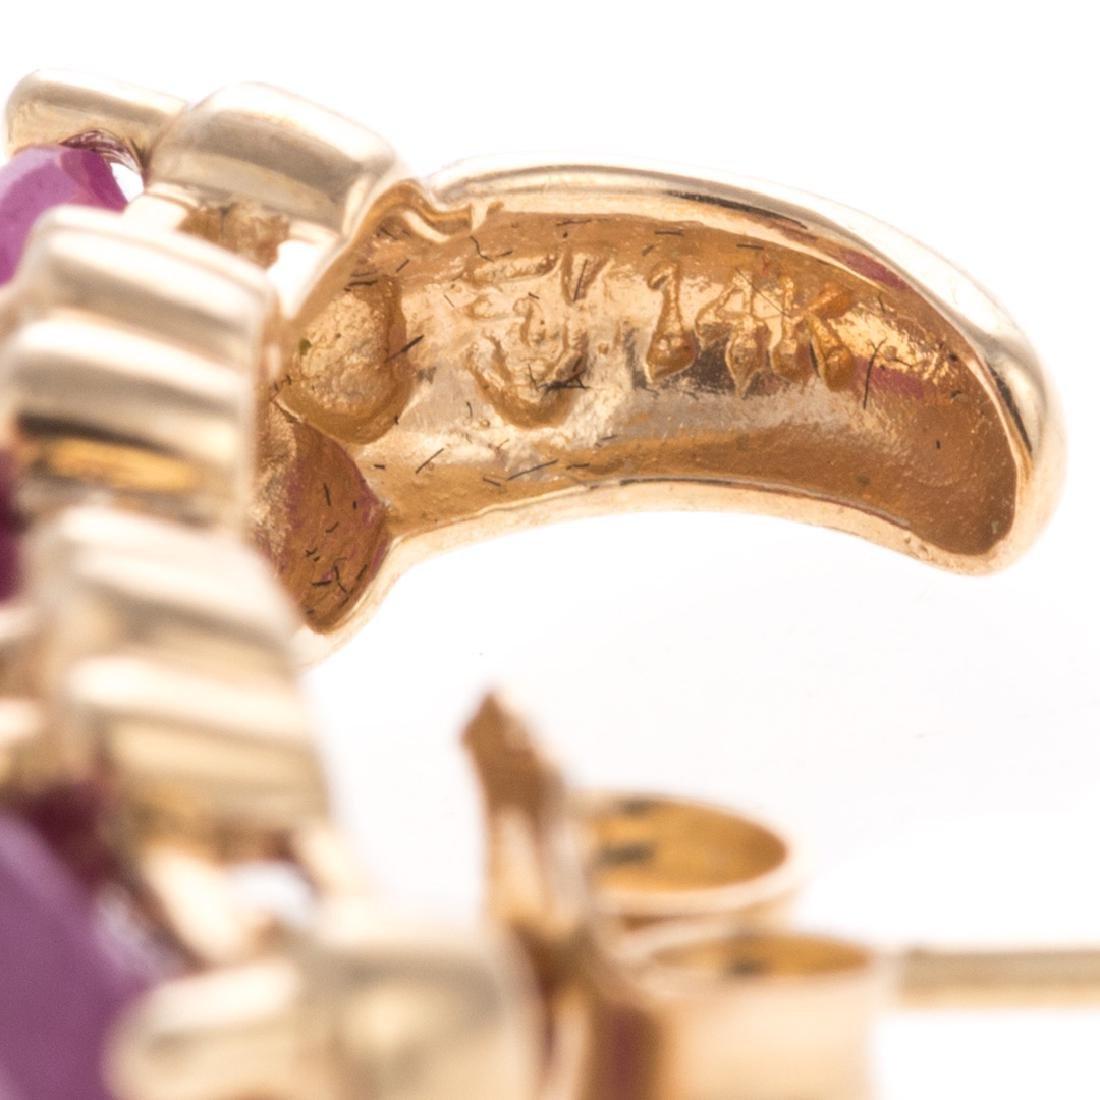 A Pair of Ruby Earrings in 14K & Vintage Bracelet - 5